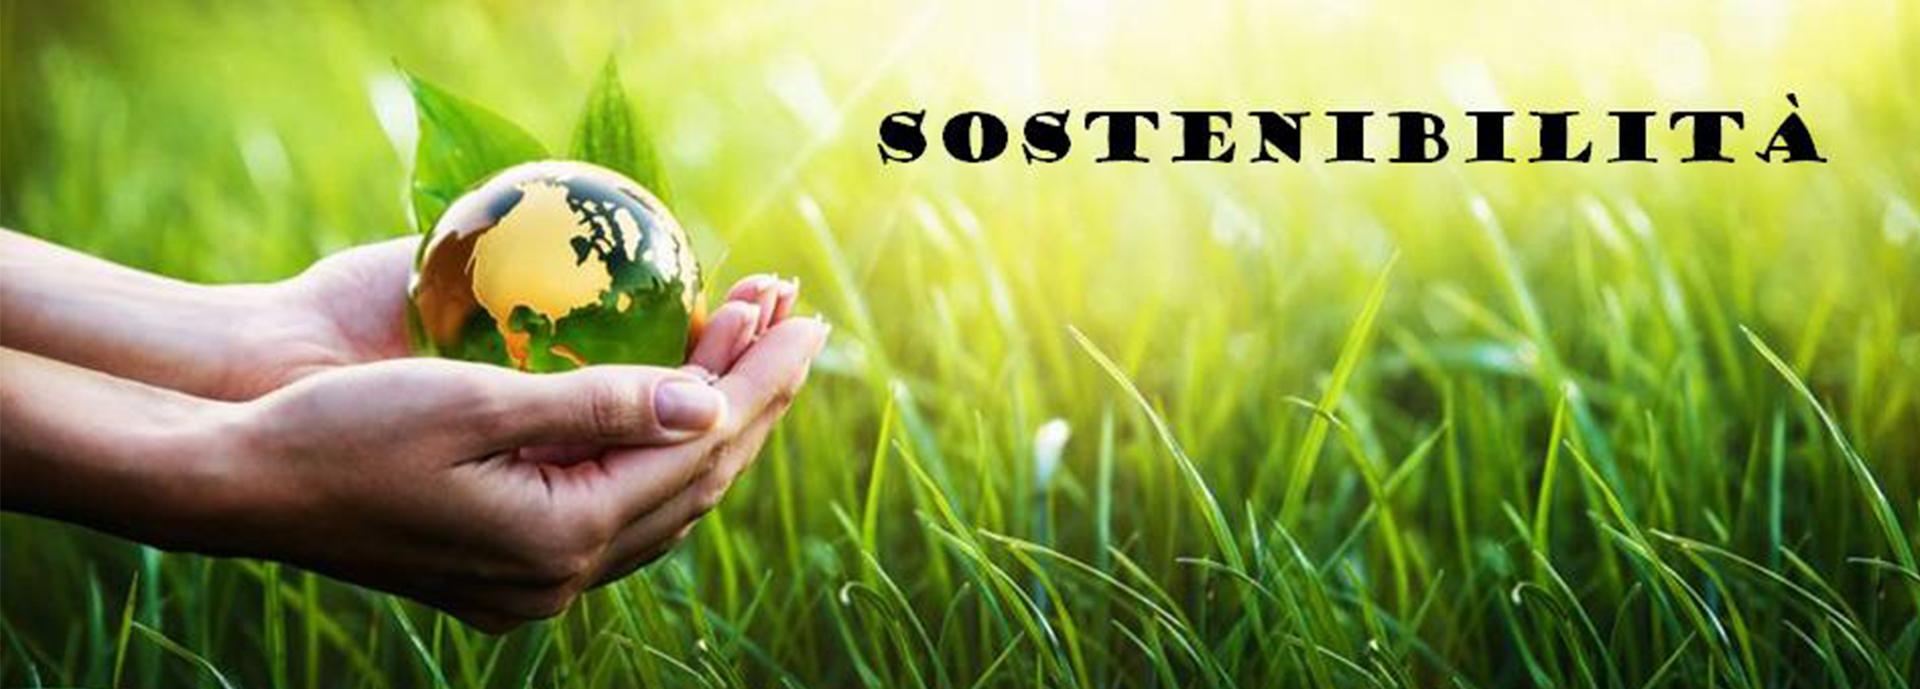 sostenibilità_banner